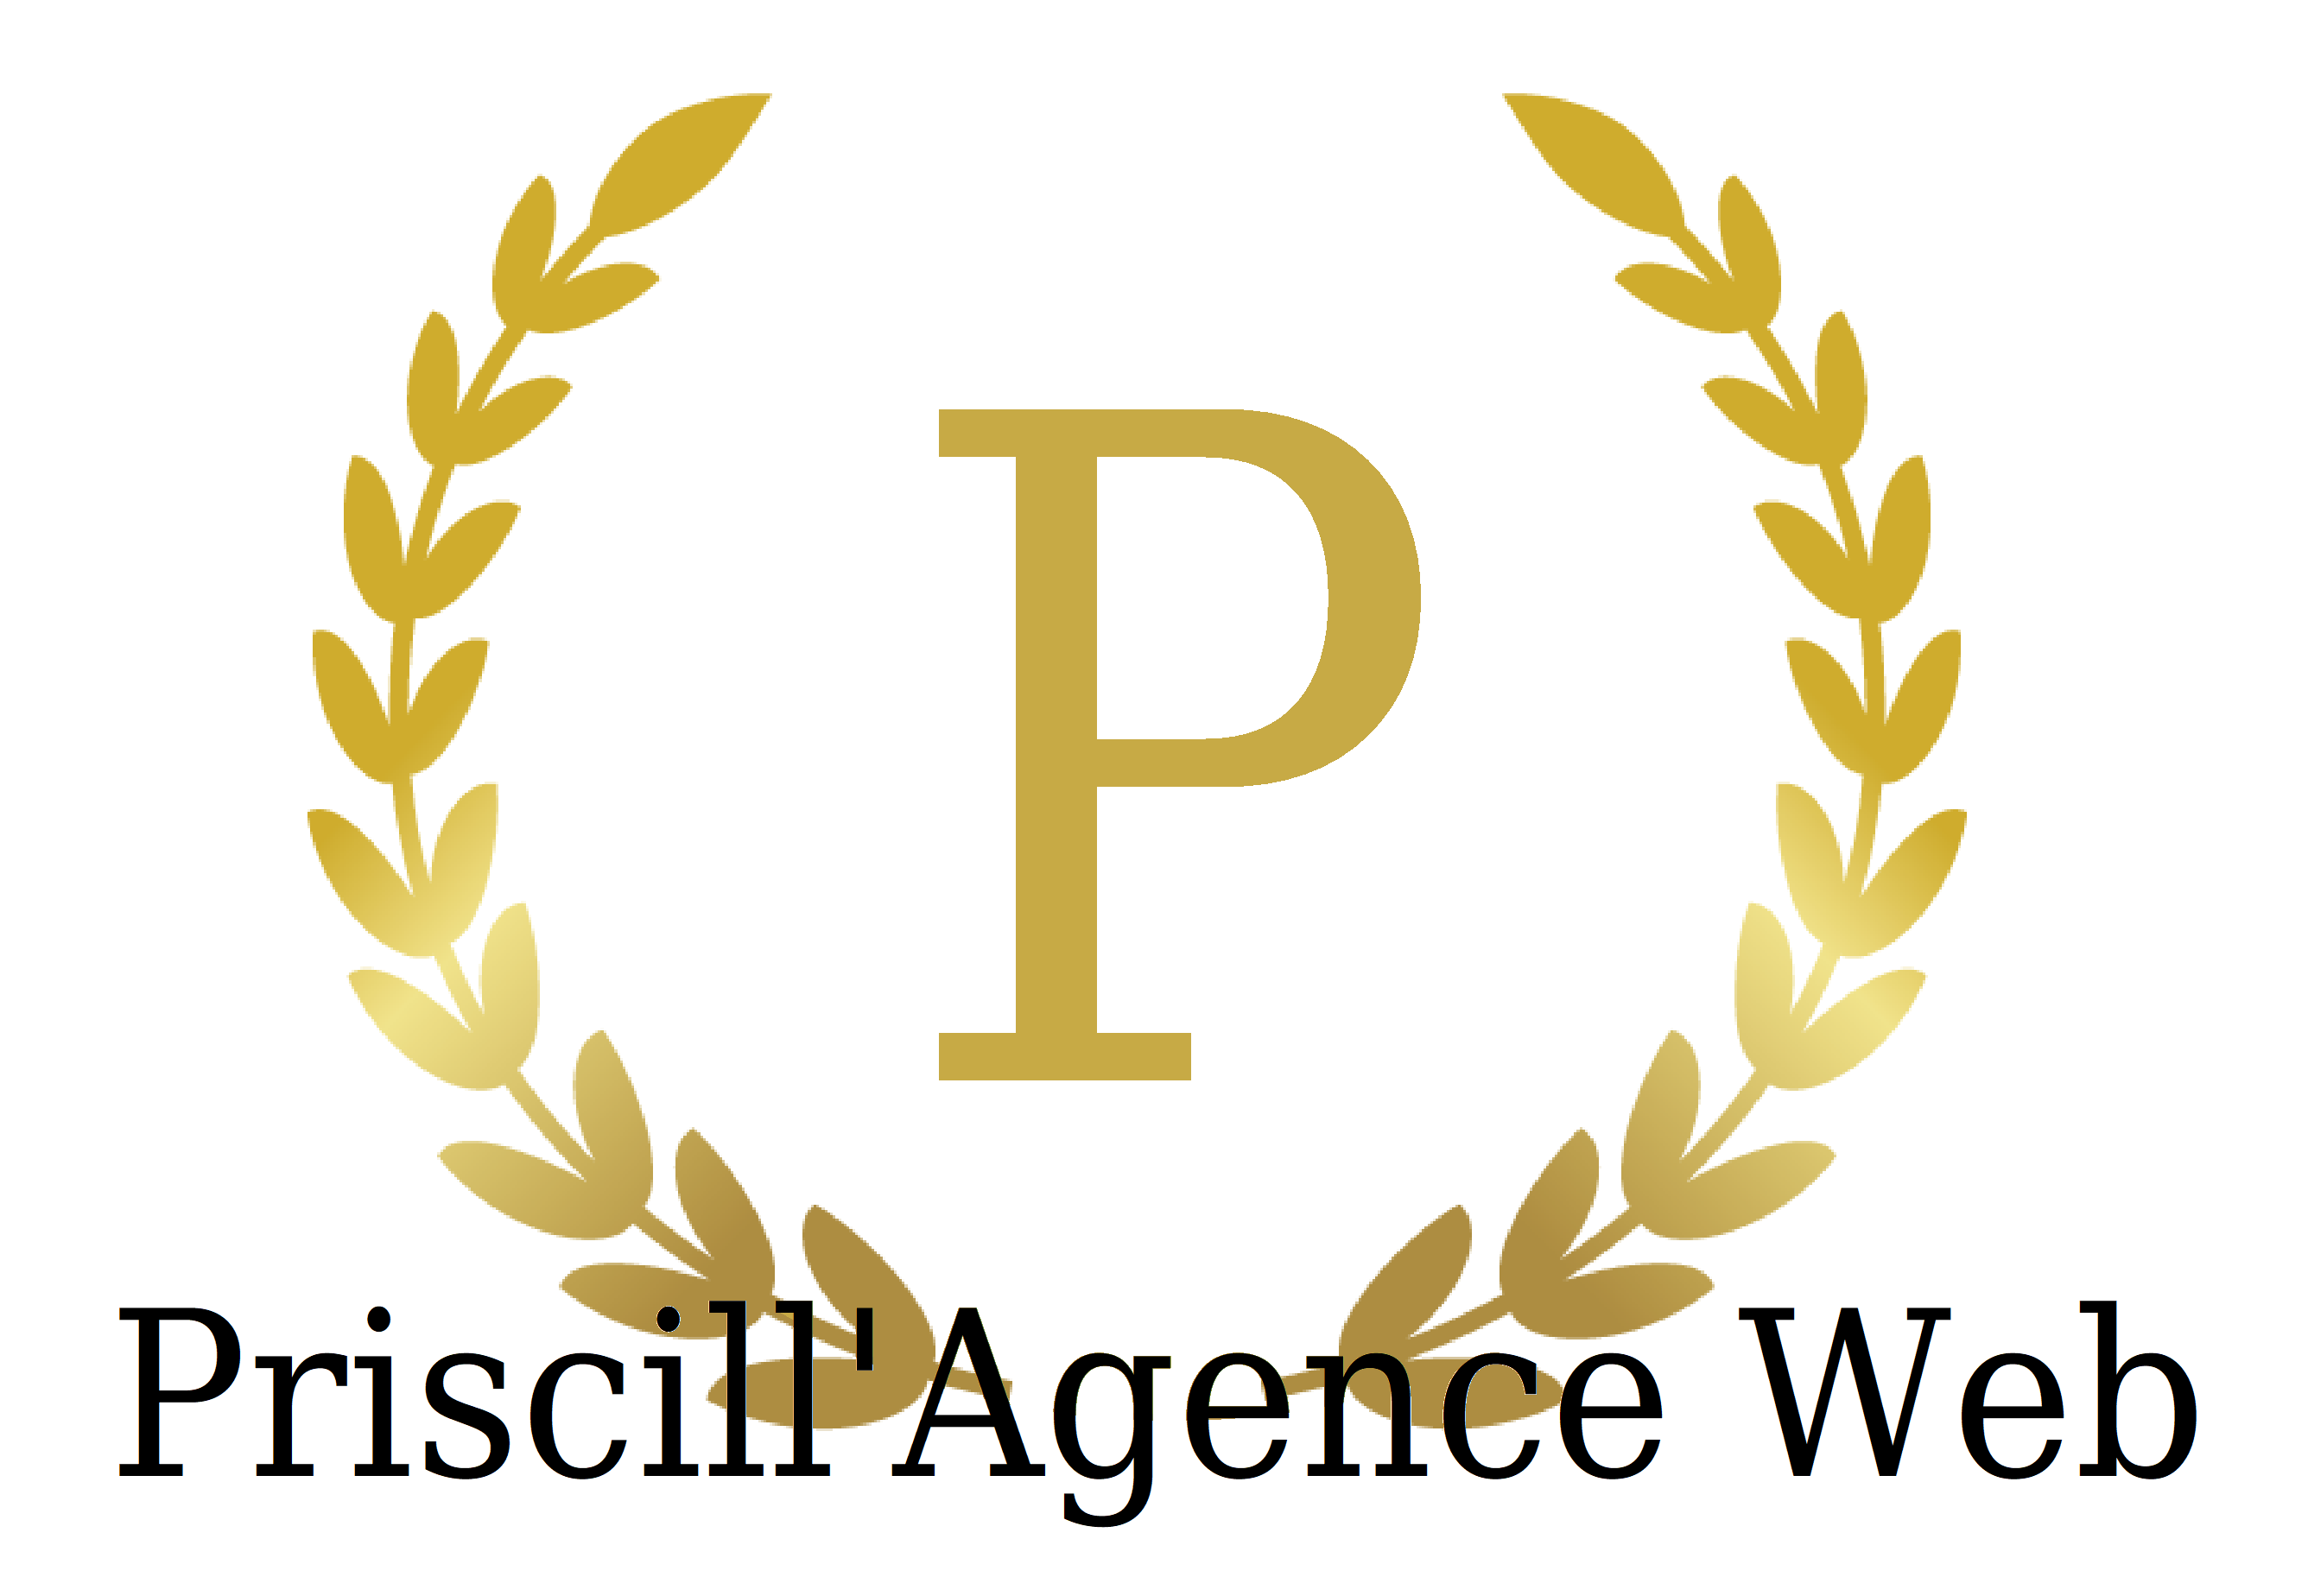 Priscill'Agence Web